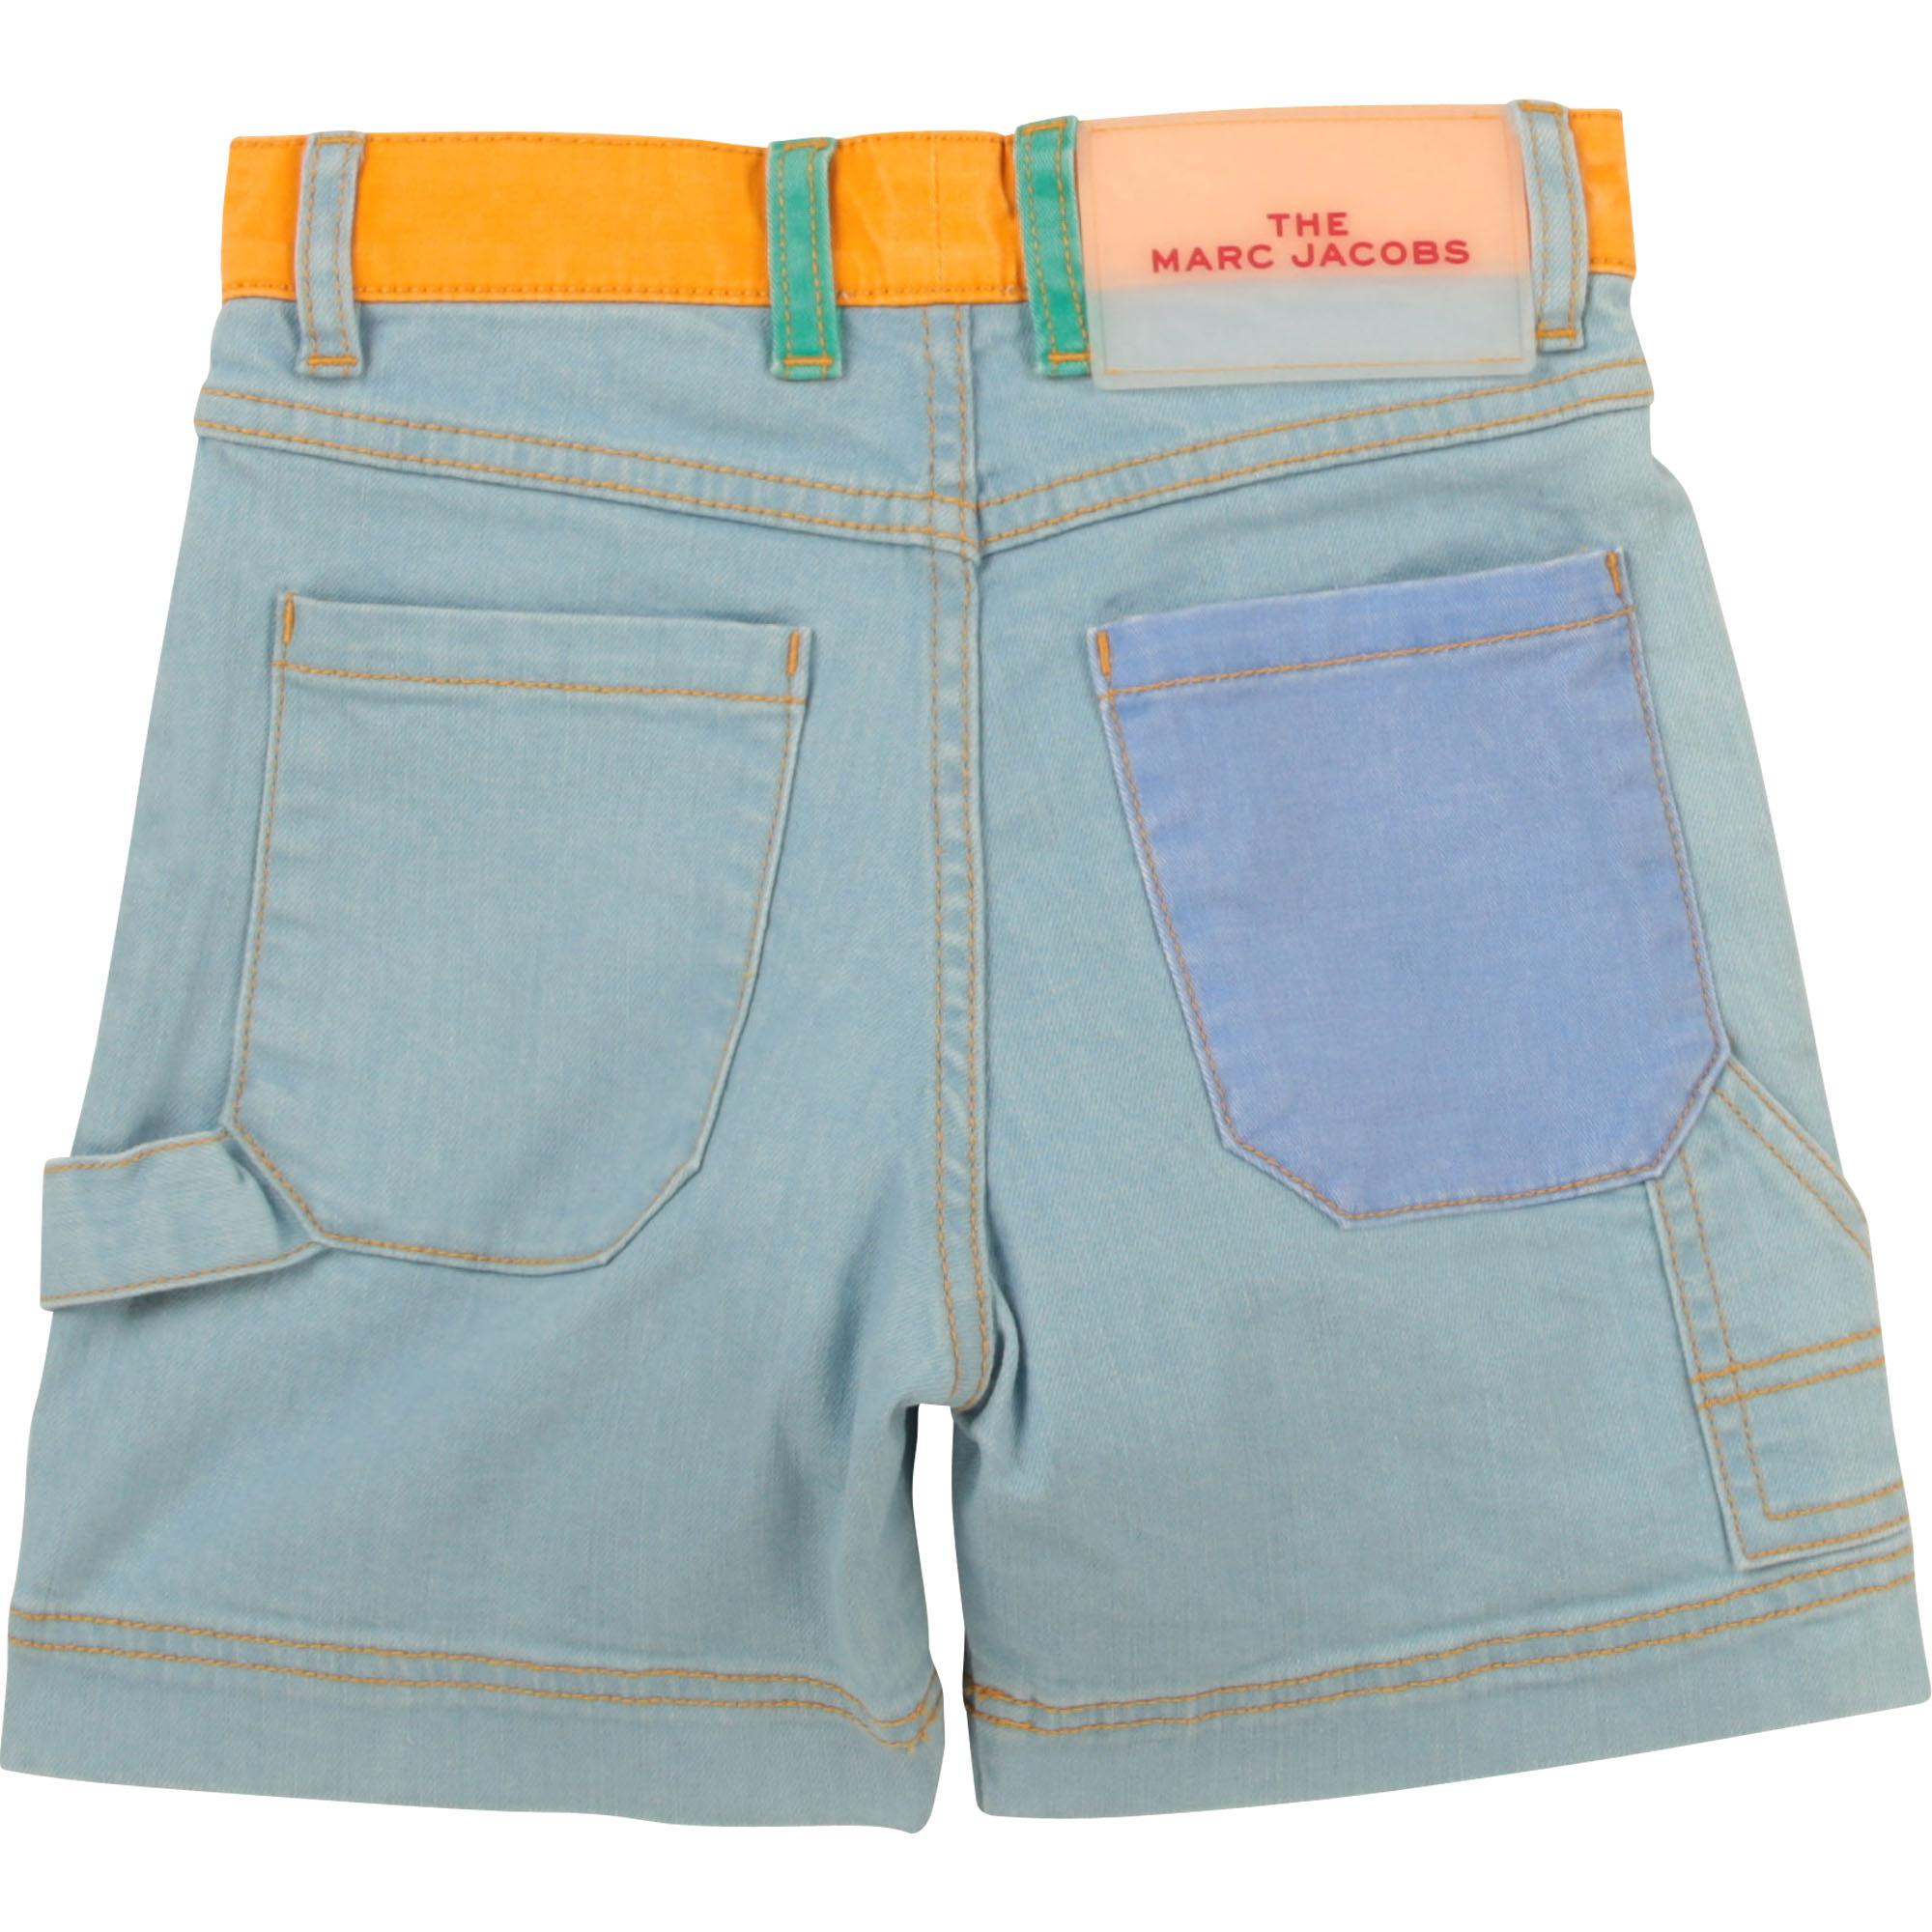 Short en jean coton extensible THE MARC JACOBS pour GARCON